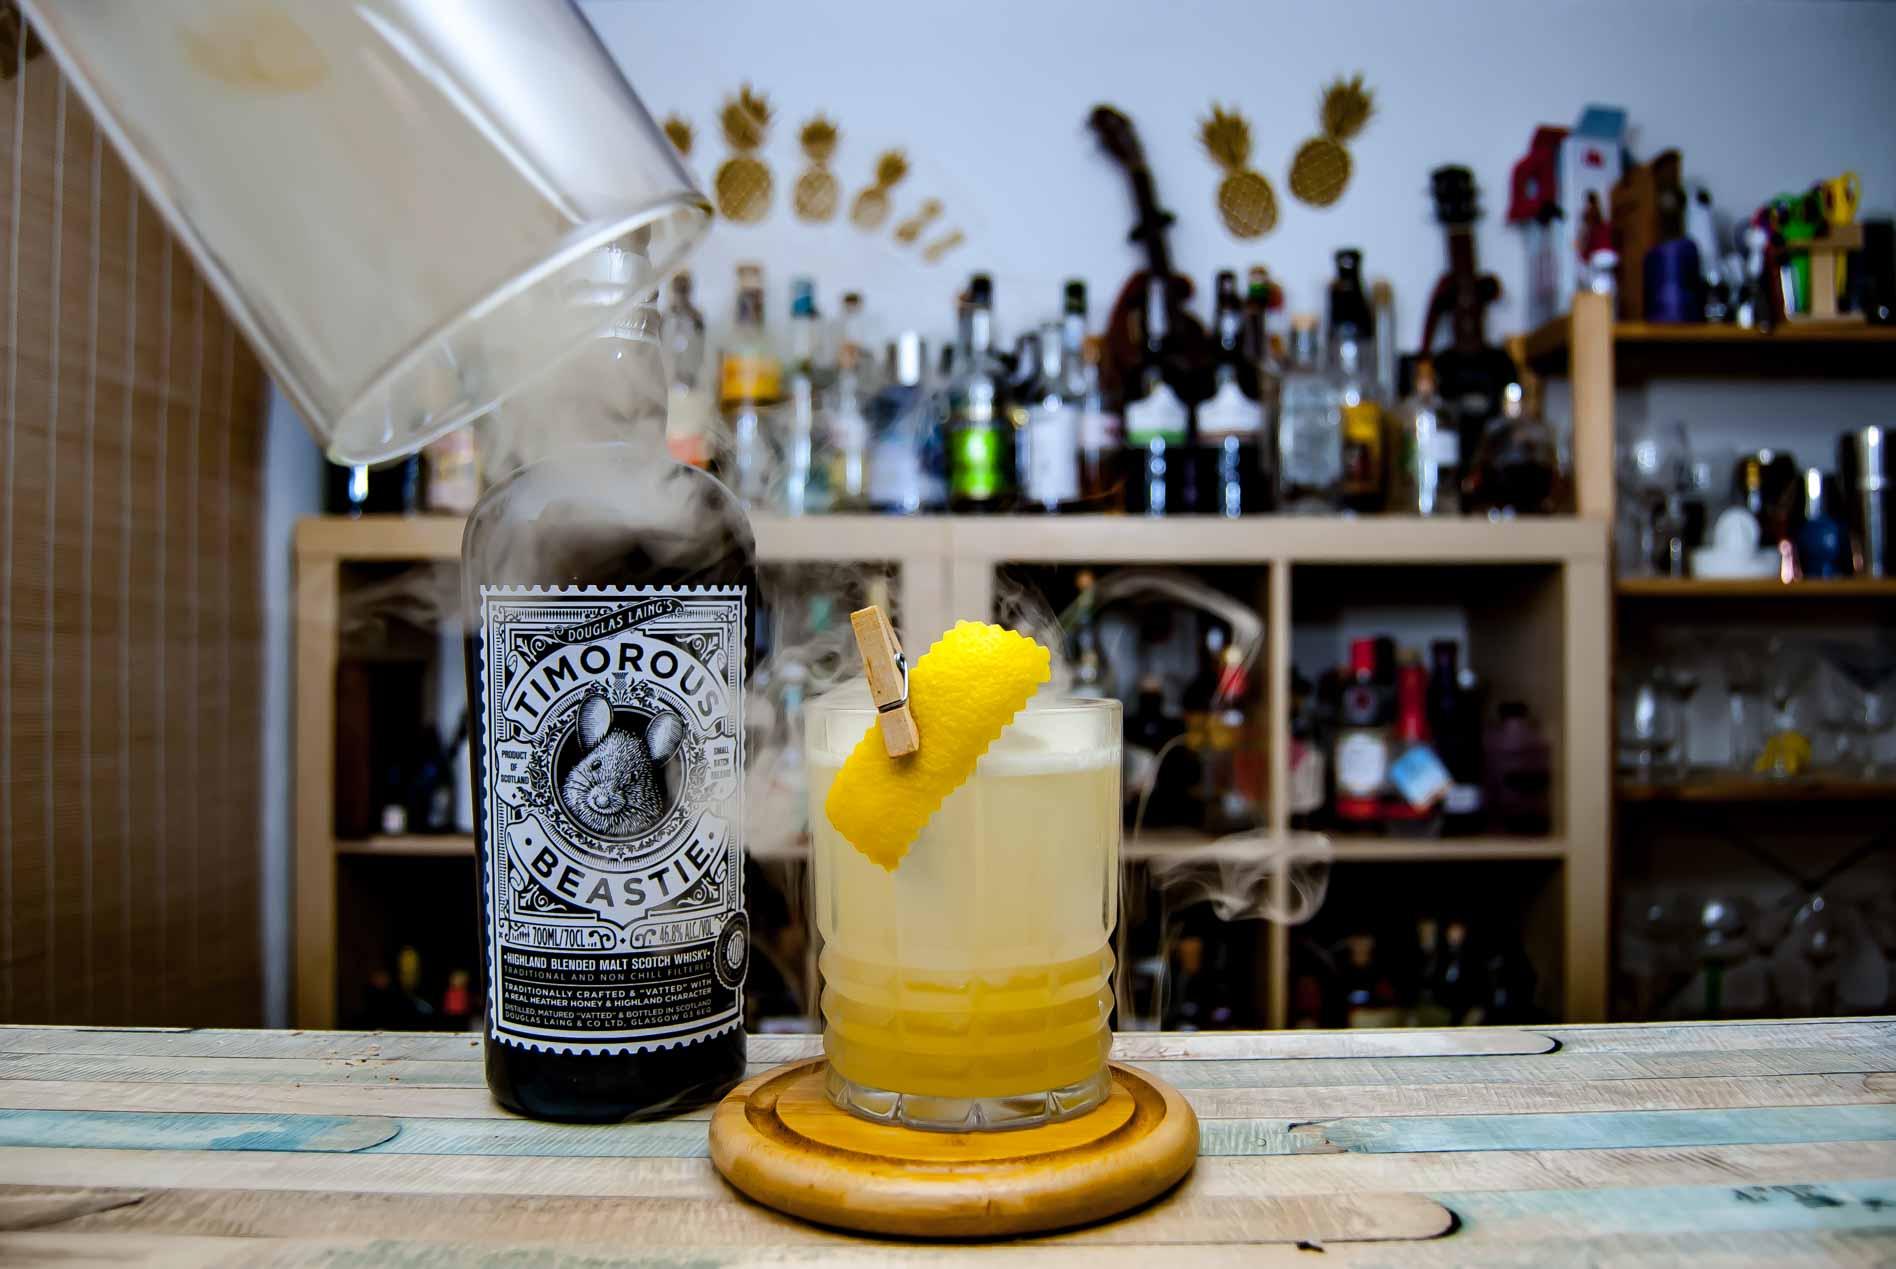 Timorous Beastie Blended Highland Scotch im Placebo, unserem Twist auf den Penicillin Cocktail.